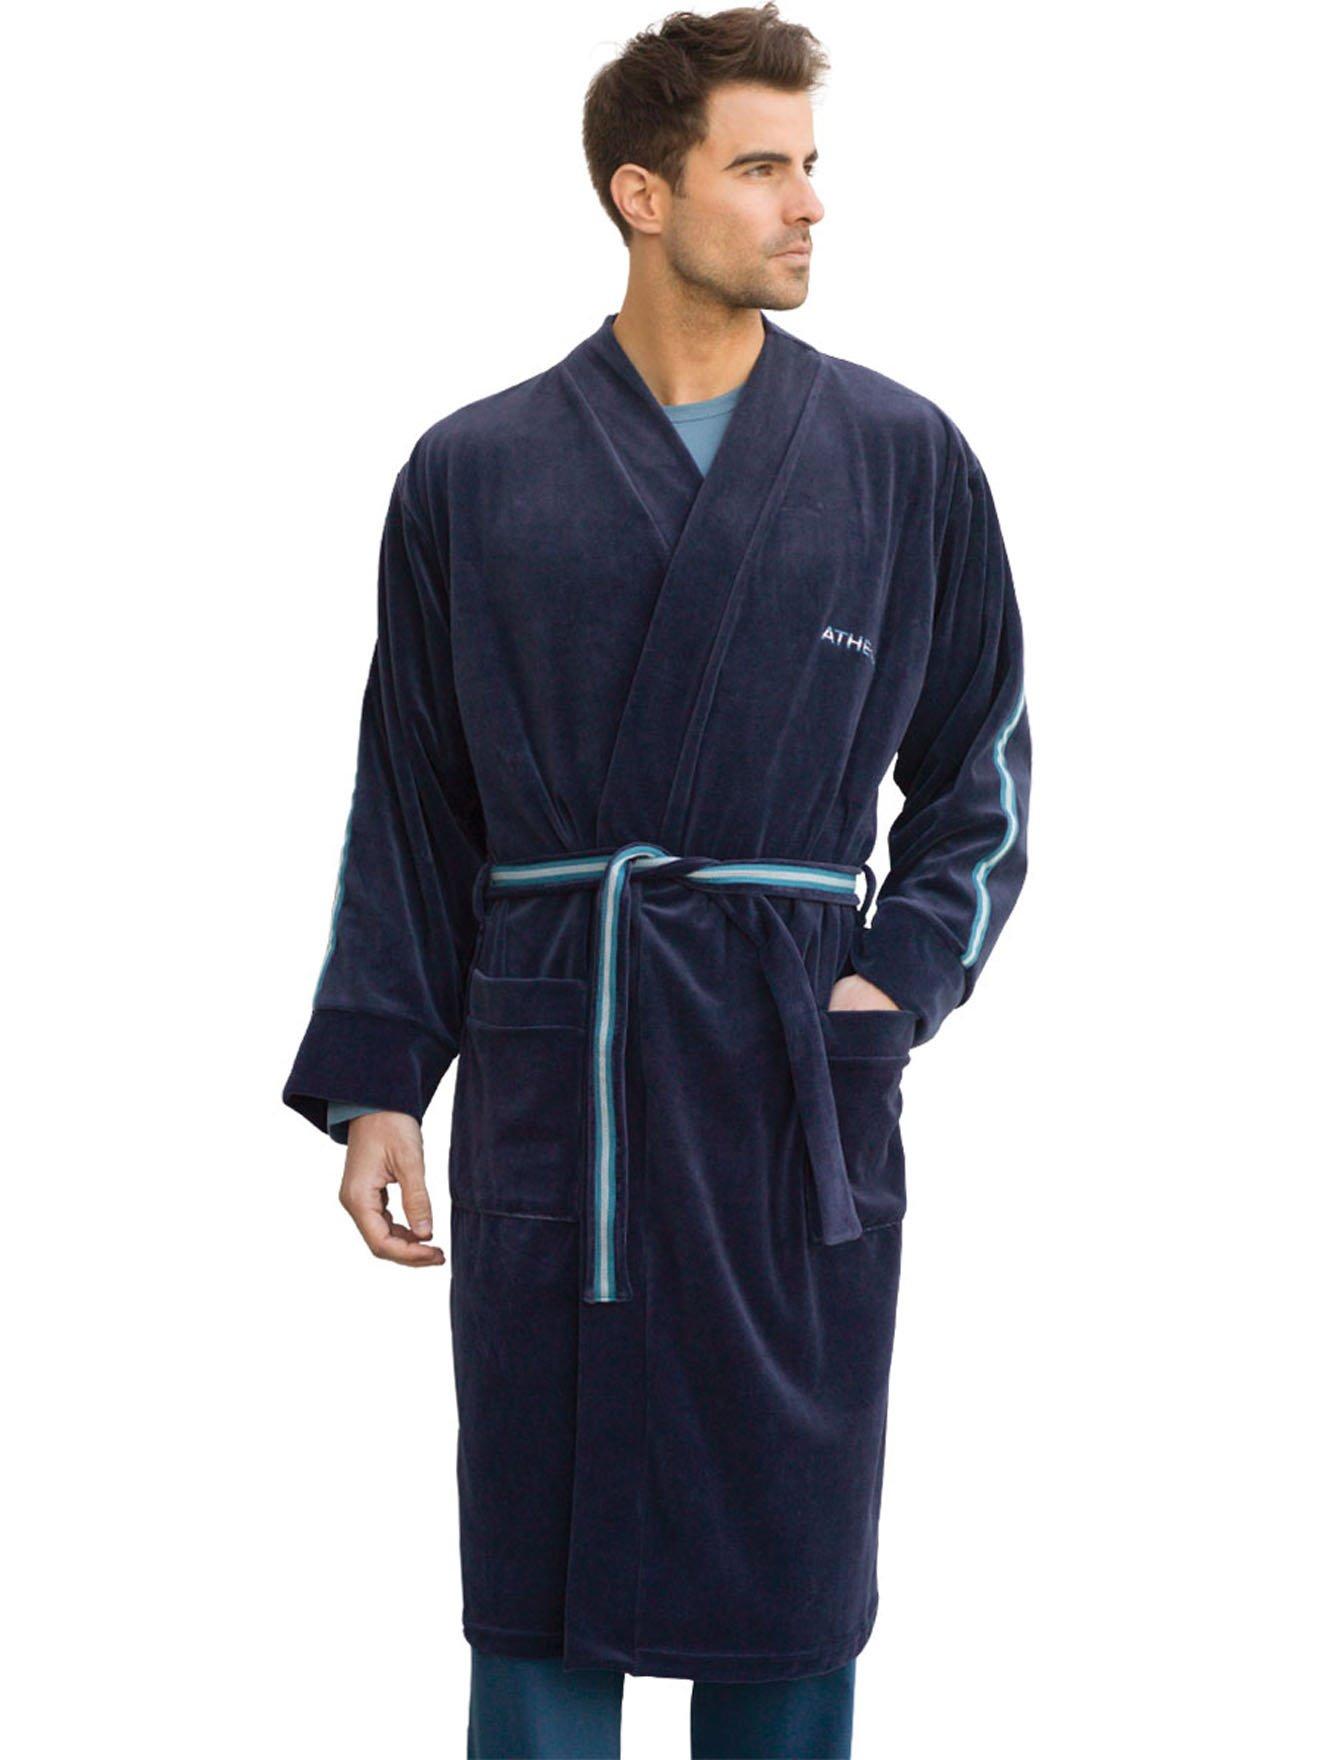 Athena Homme Grand Froid Ensemble de Pyjama